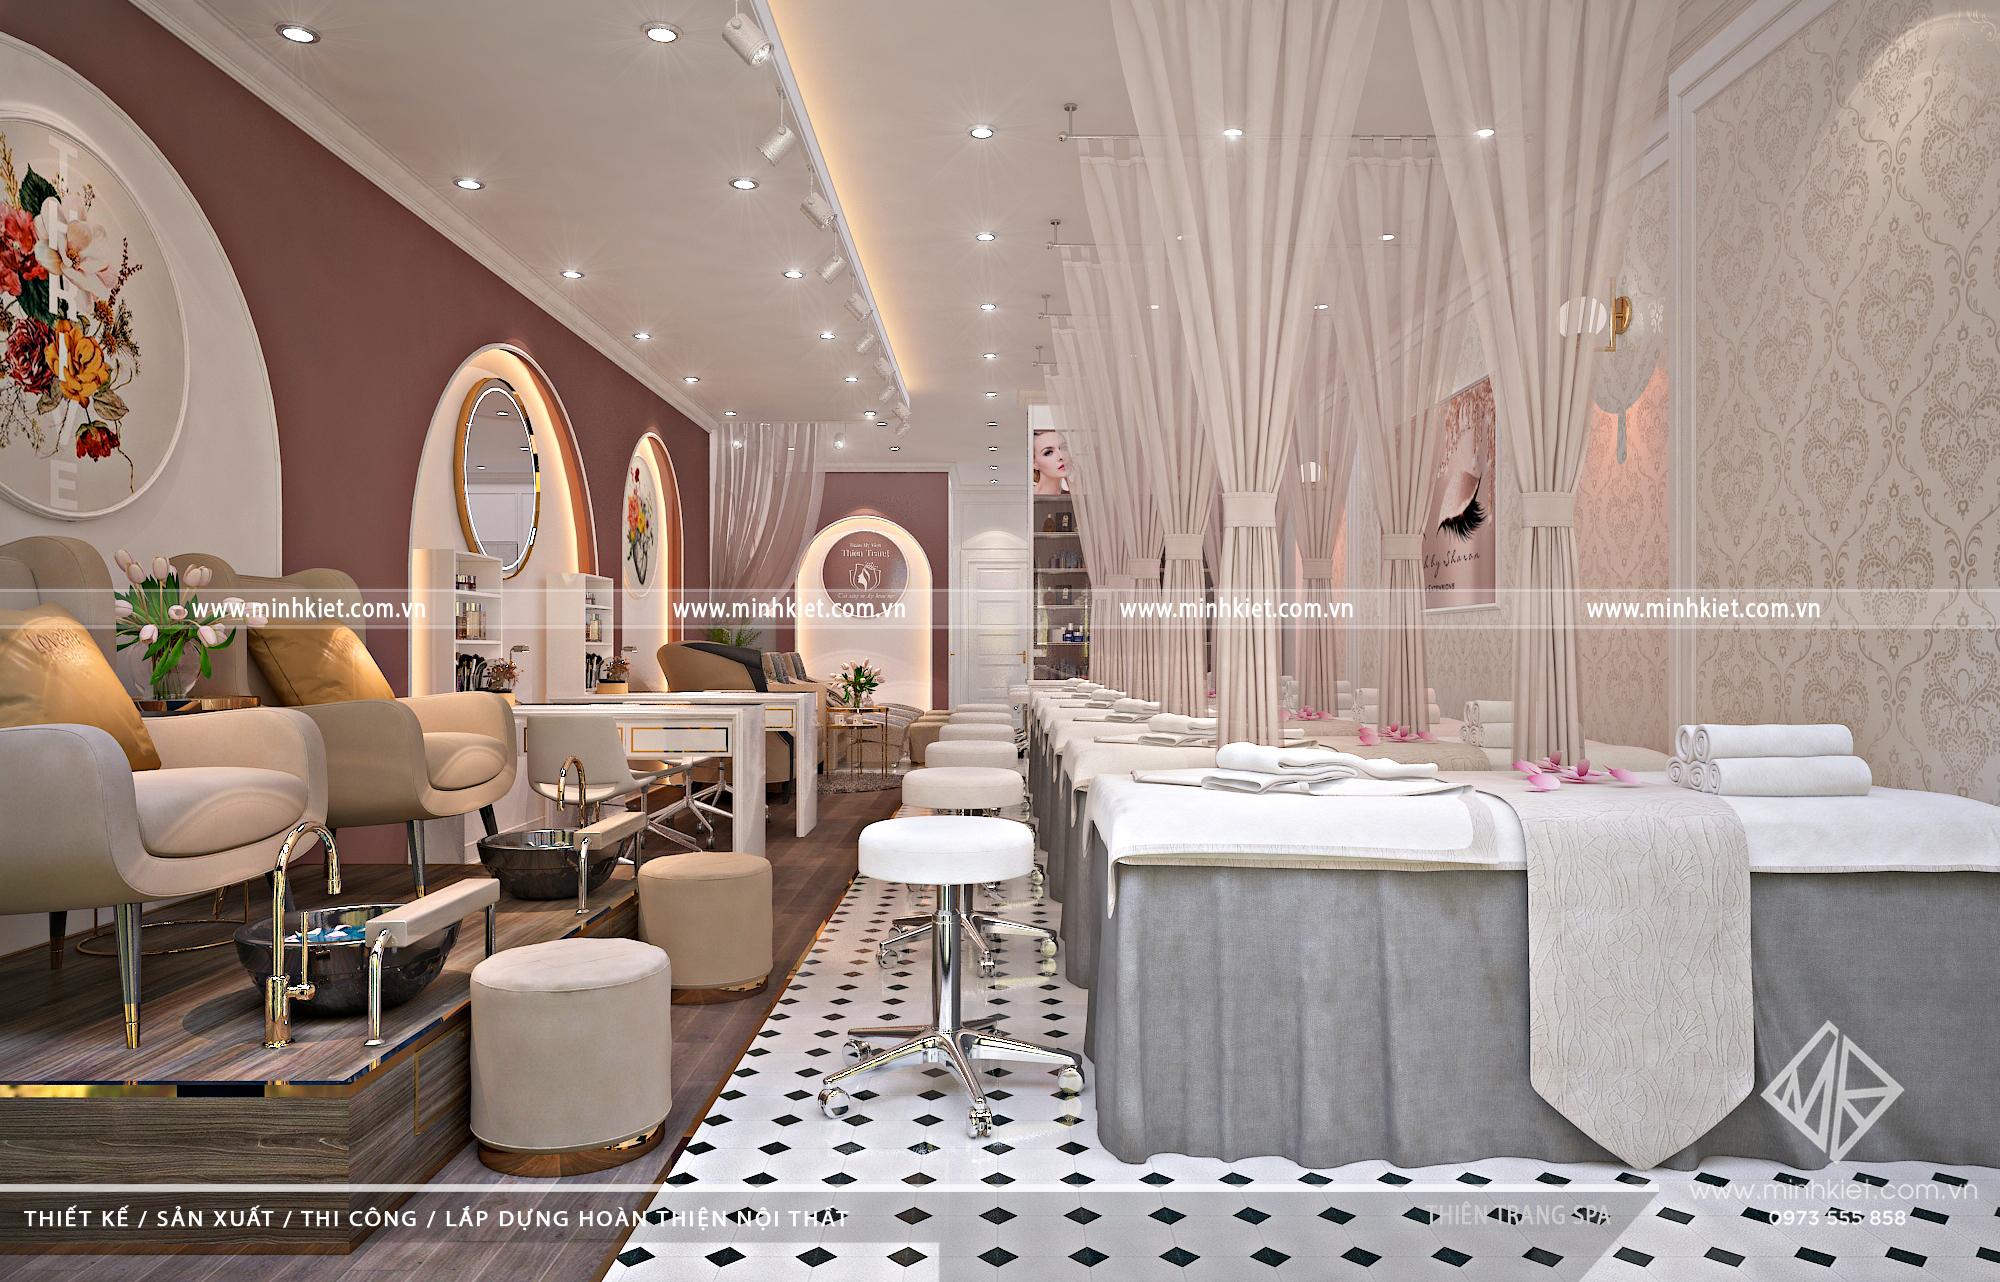 Thiết kế Spa Thiên Trang - Thiết Kế Nội Thất Spa Hiện Đại